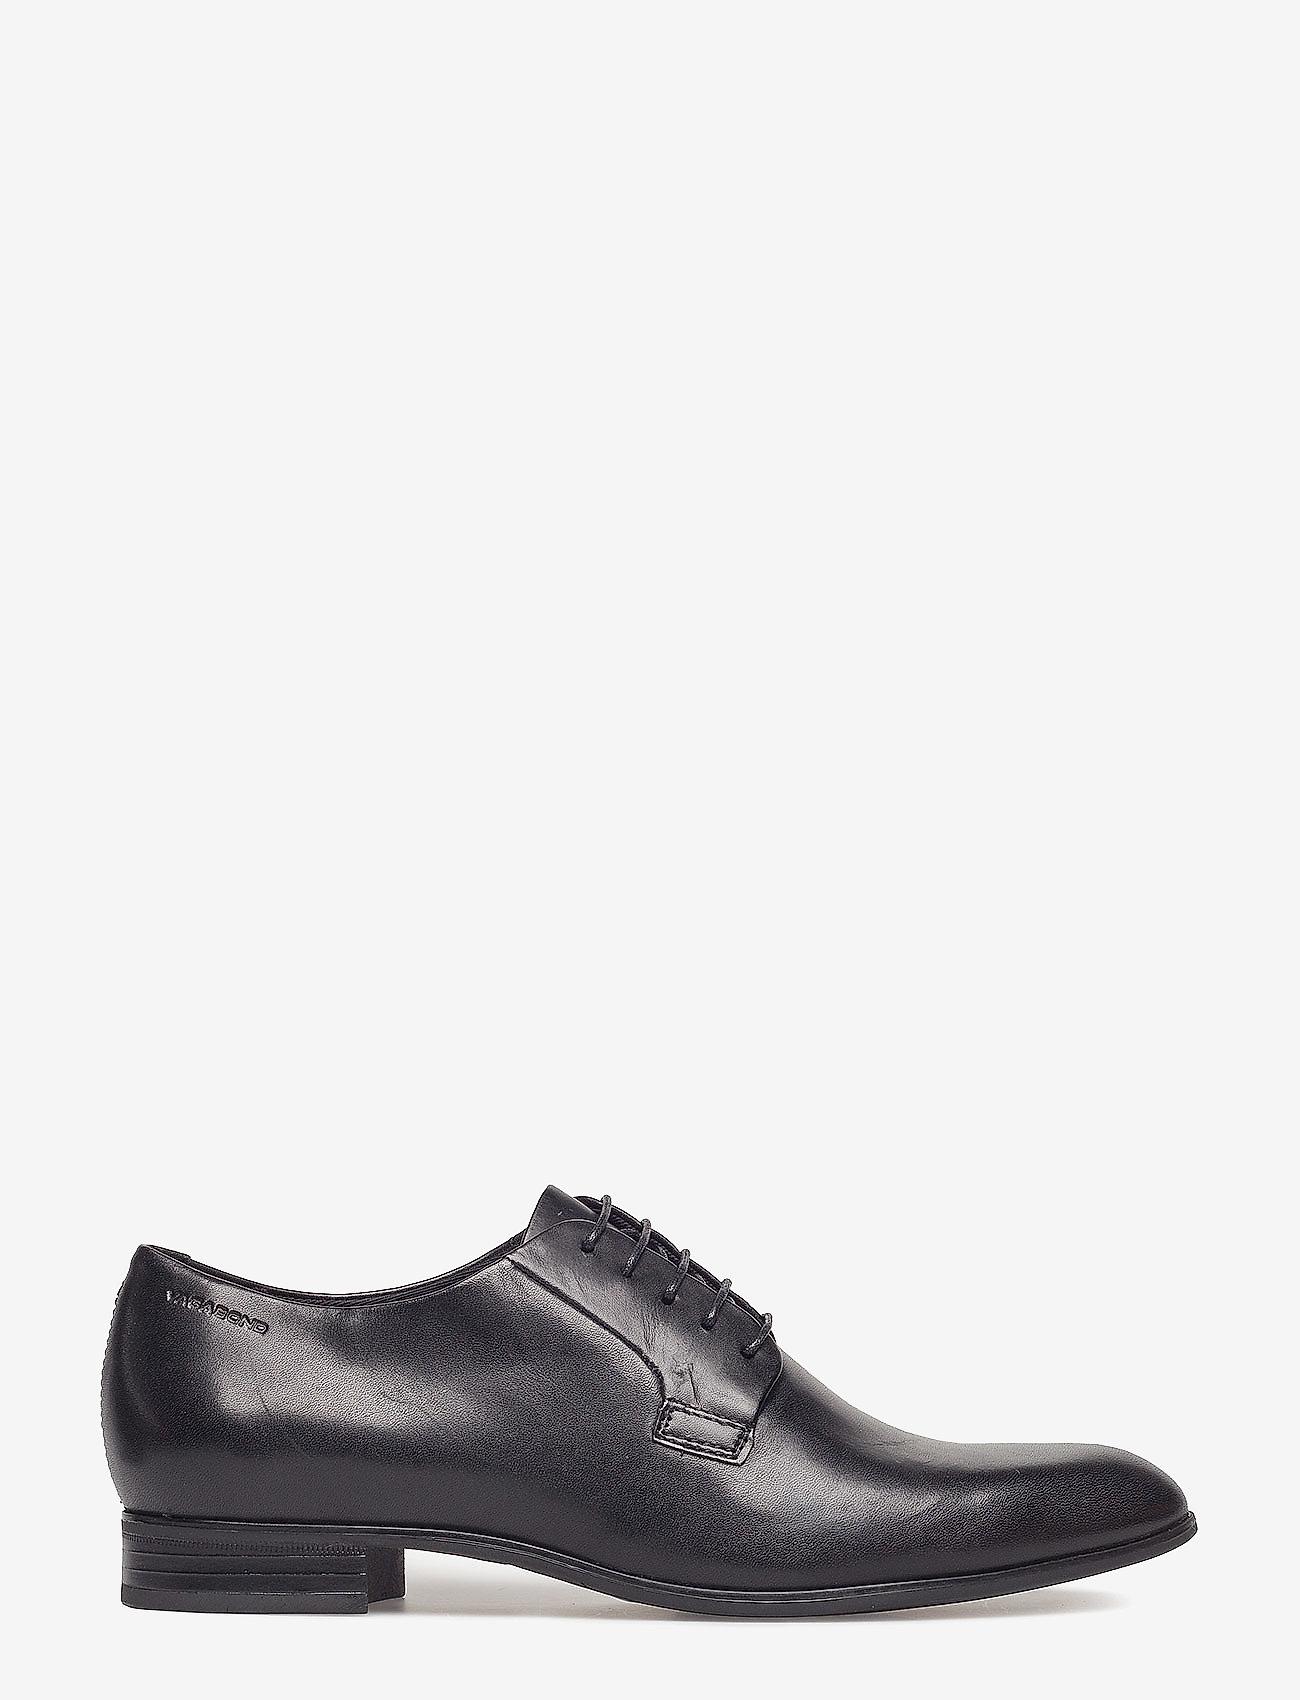 VAGABOND - FRANCES - buty sznurowane - black - 1